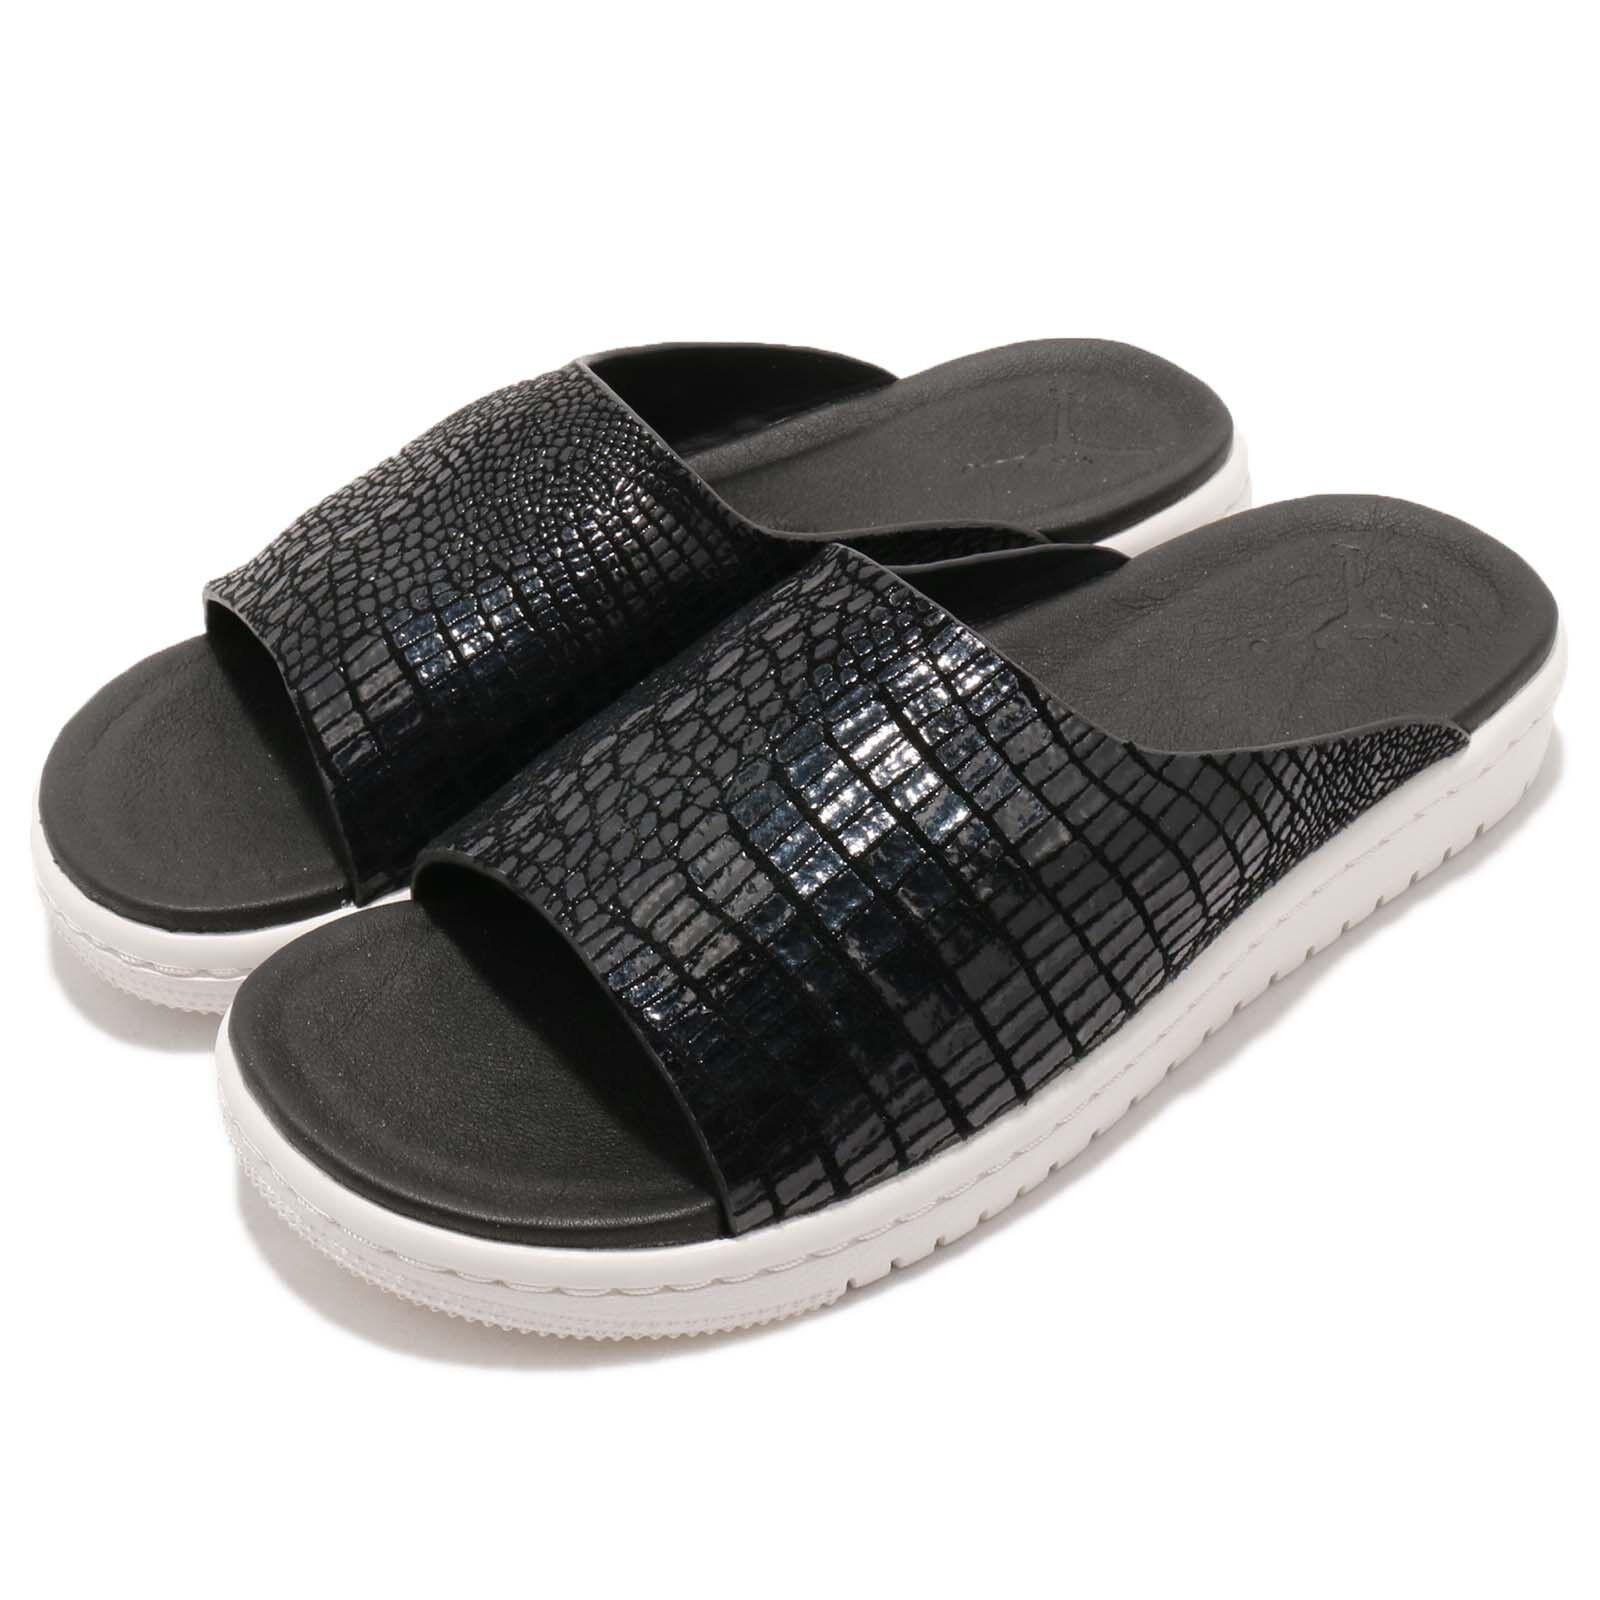 Nike Wmns Wmns Wmns Jordan Modero 1 I Negro Mujeres Sandalias diapositivas Zapatilla Deportiva AO9919-004  marcas de diseñadores baratos